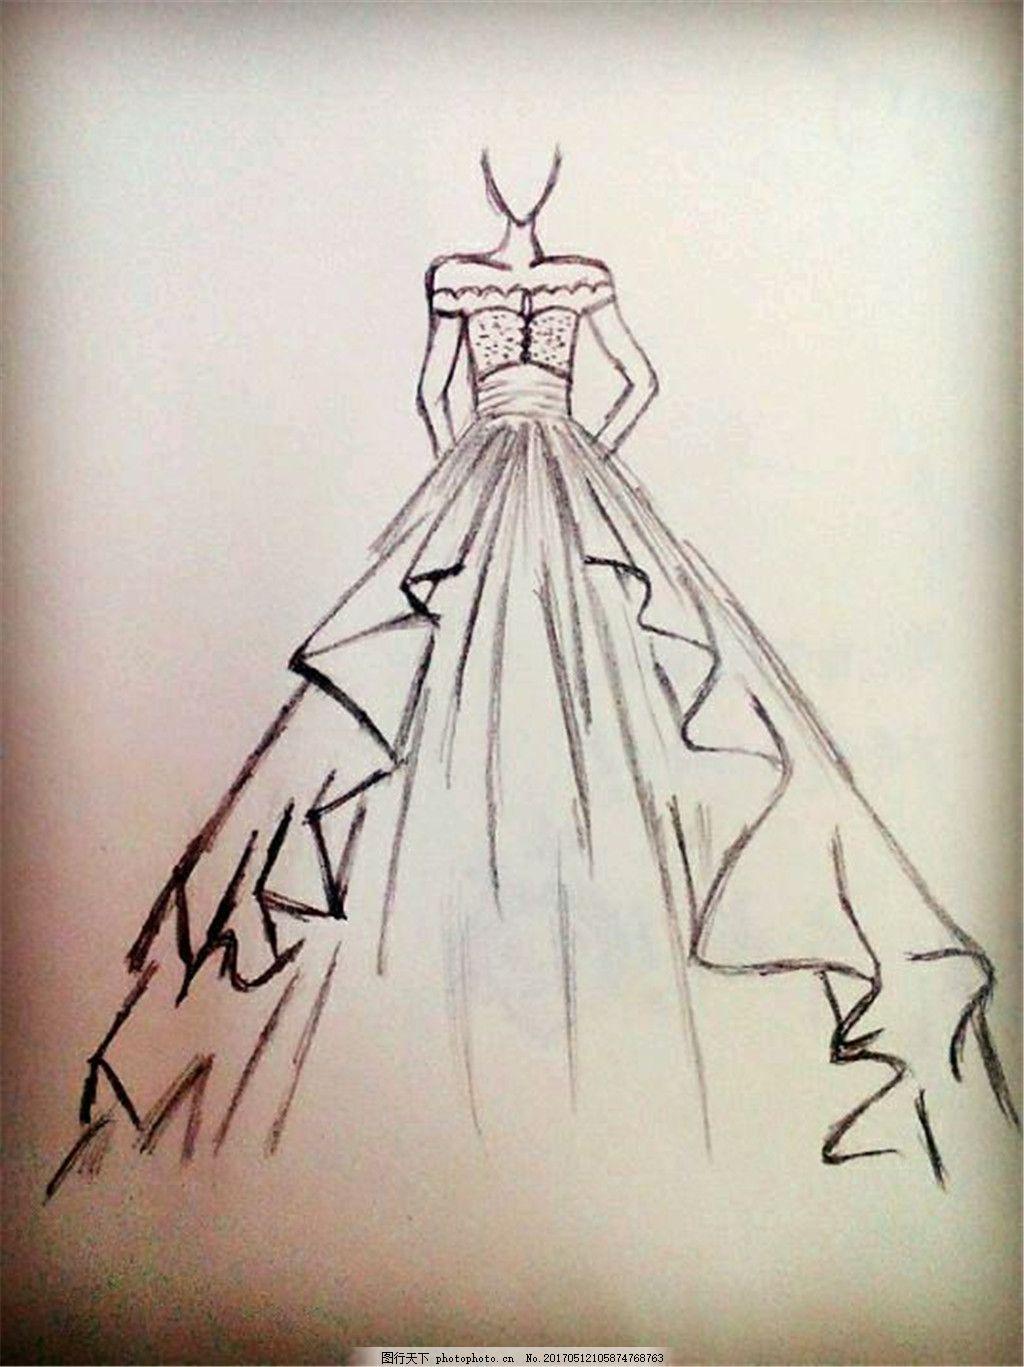 露肩婚纱设计图 时尚女装 职业女装 女装设计效果图 短裙 服装图片